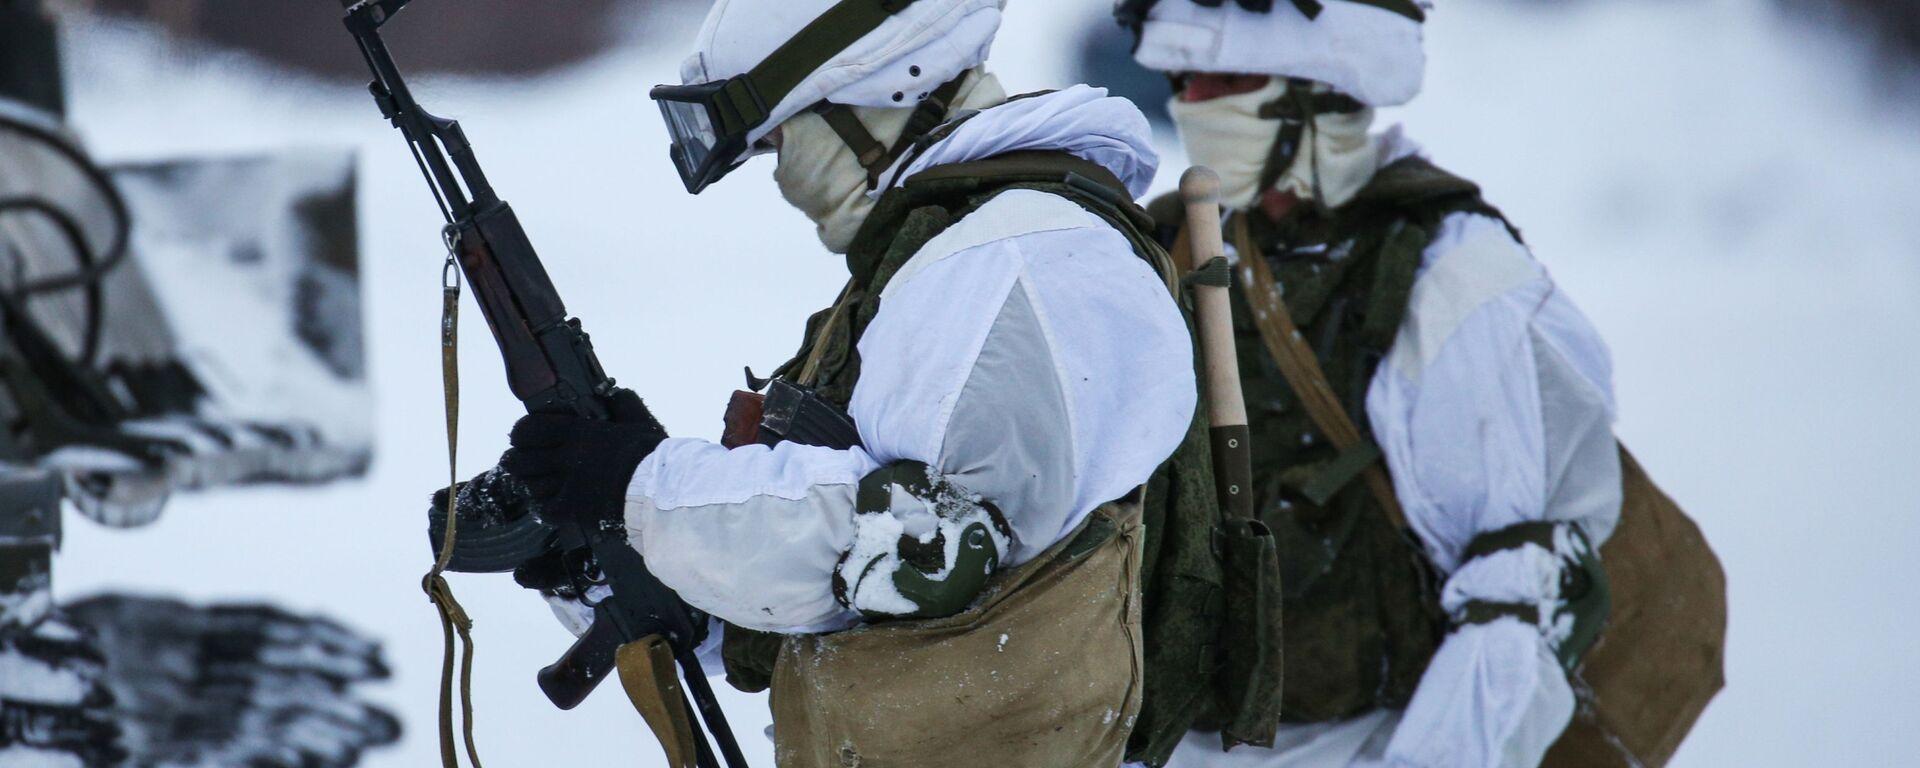 Военнослужащие мотострелкового подразделения Печенгской бригады Северного флота РФ проводят отработку тактических приемов - Sputnik Latvija, 1920, 06.02.2021